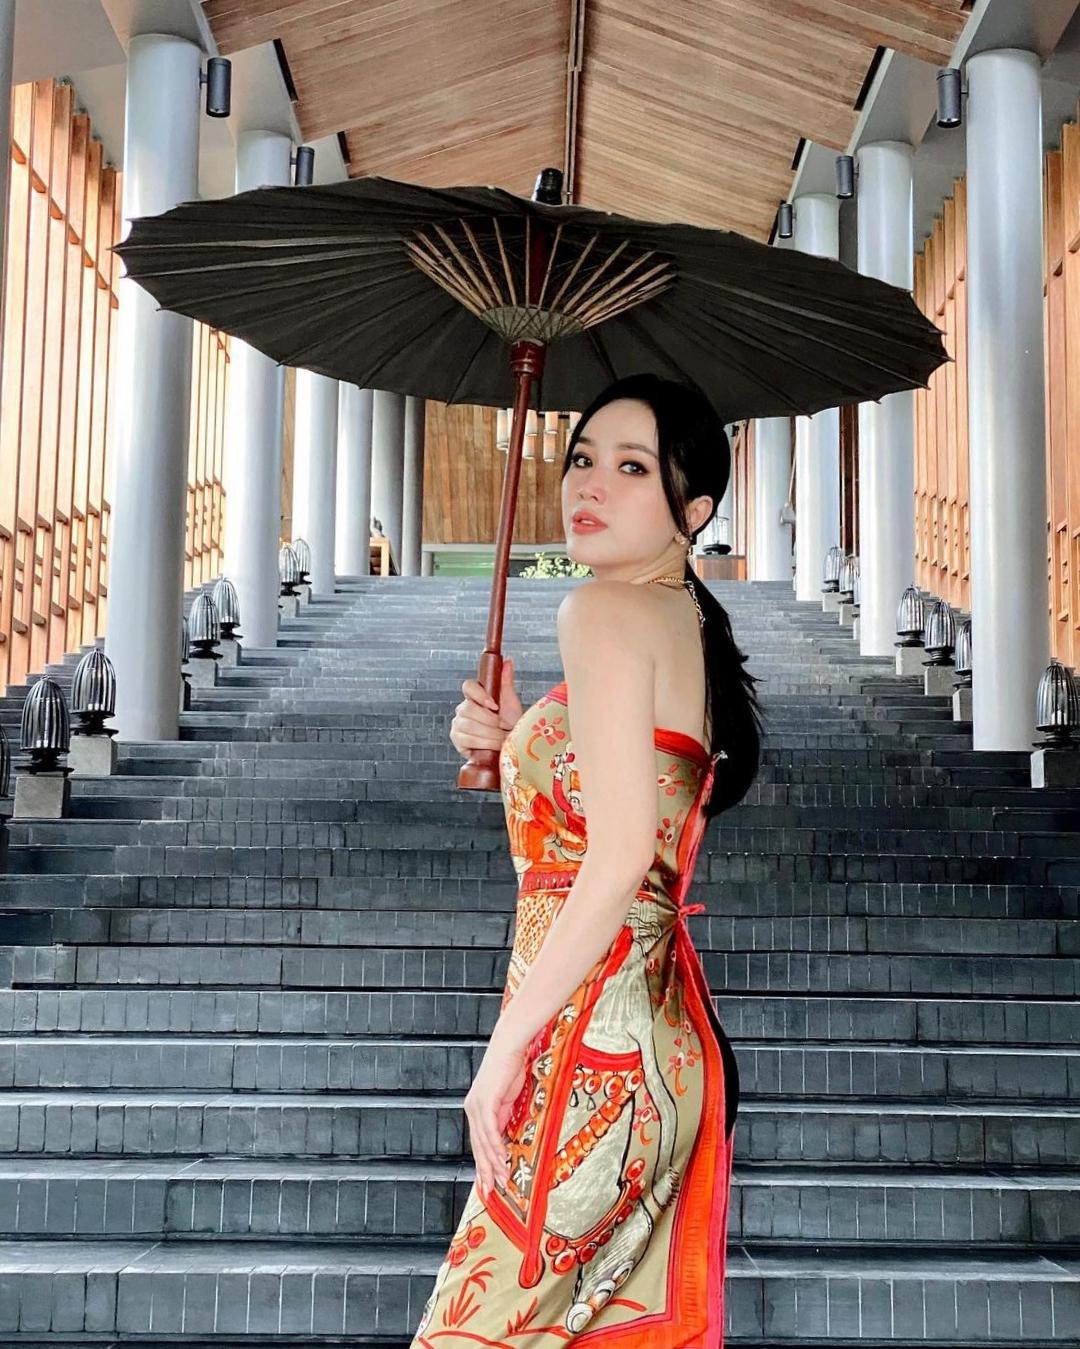 Ngay sau đó, nữ ca sĩ chuẩn bị đủ đạo cụ, tạo dáng ngay lối cầu thang